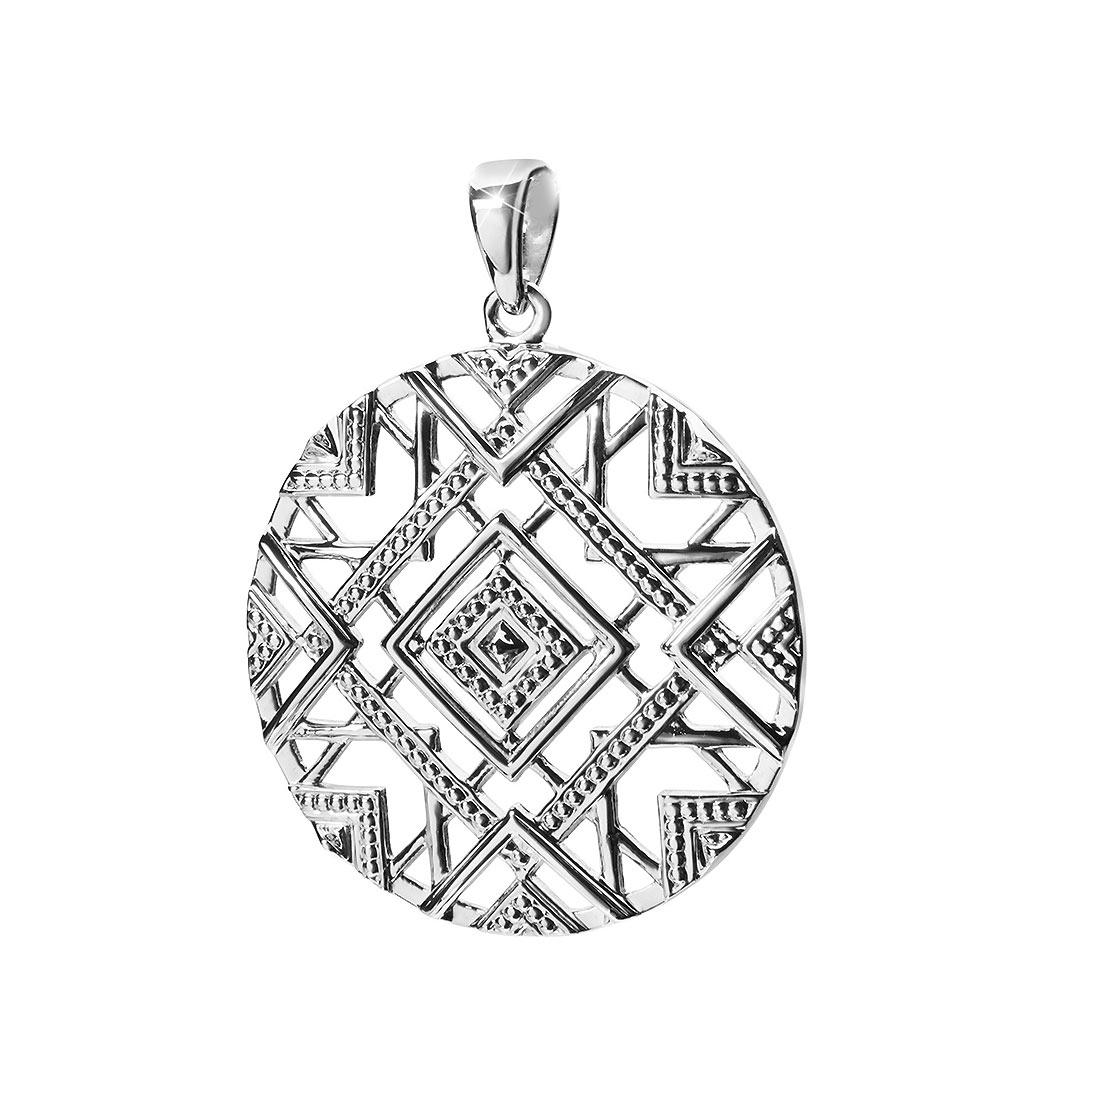 MATERIA Damen Kettenanhänger 925 Silber rund afrikanisch